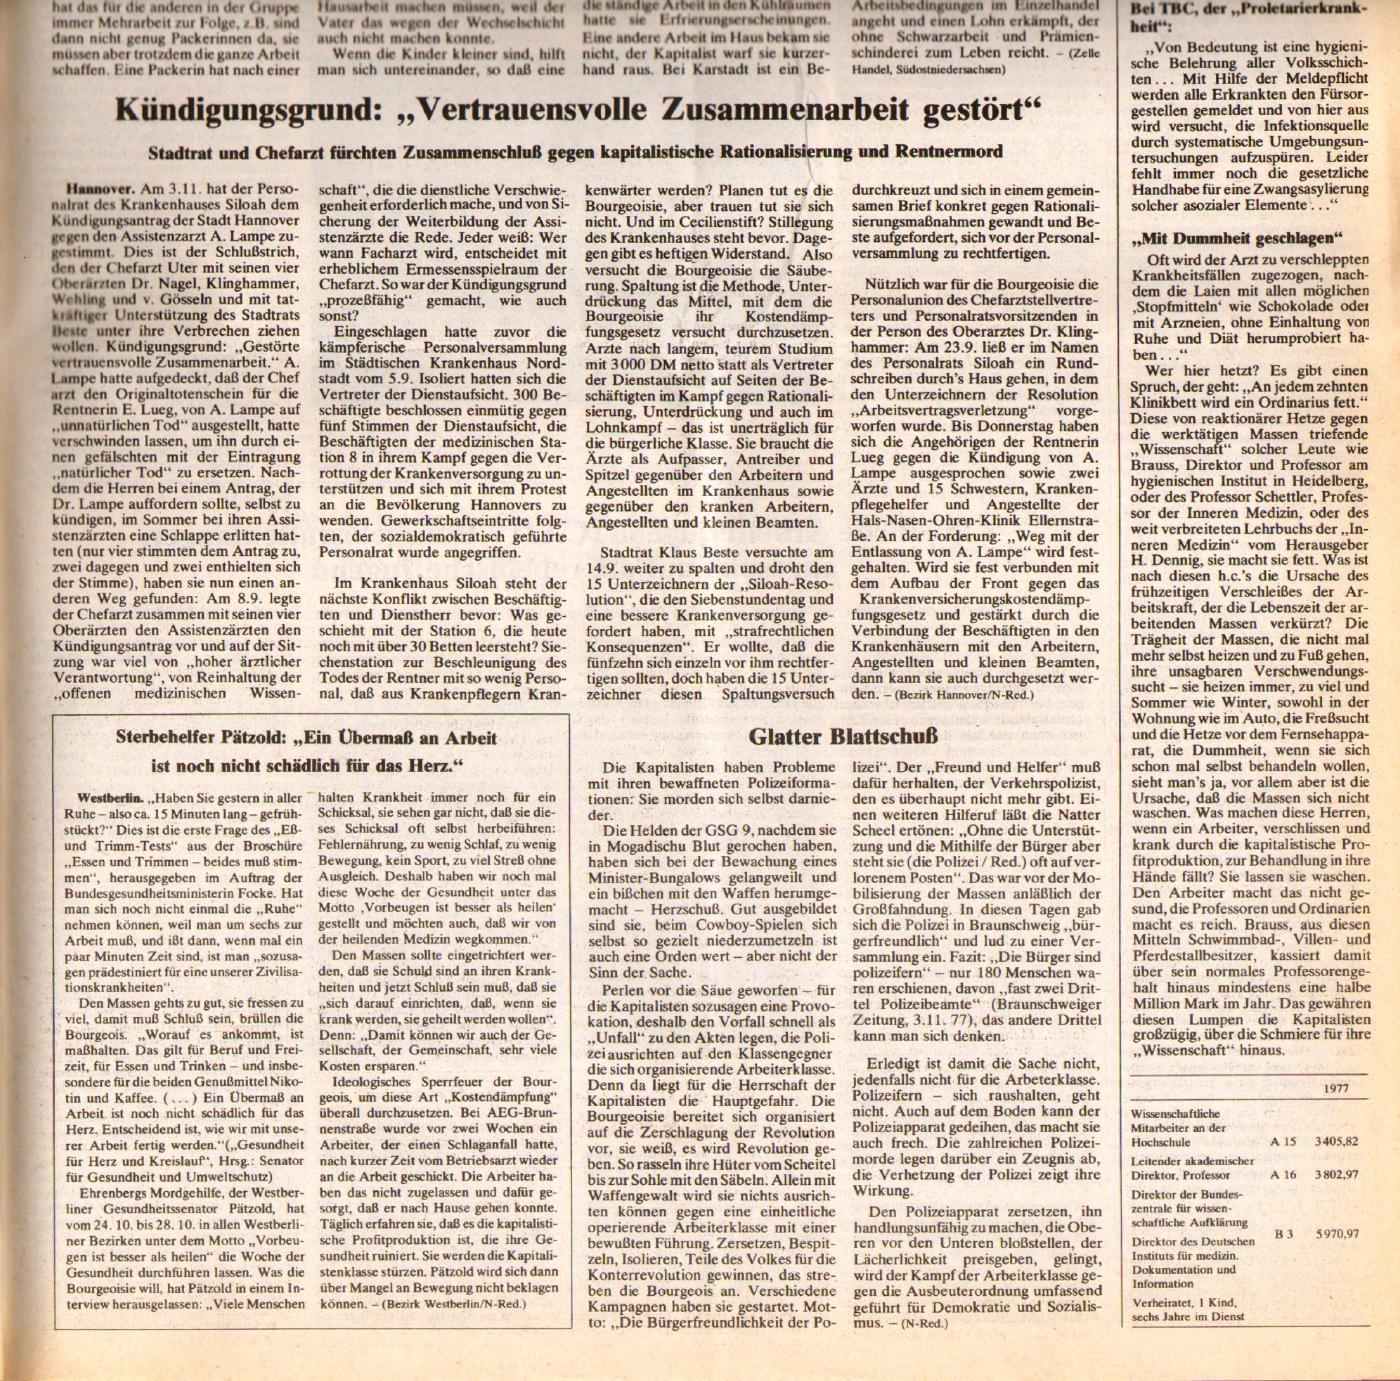 KVZ_Nord_1977_45_14